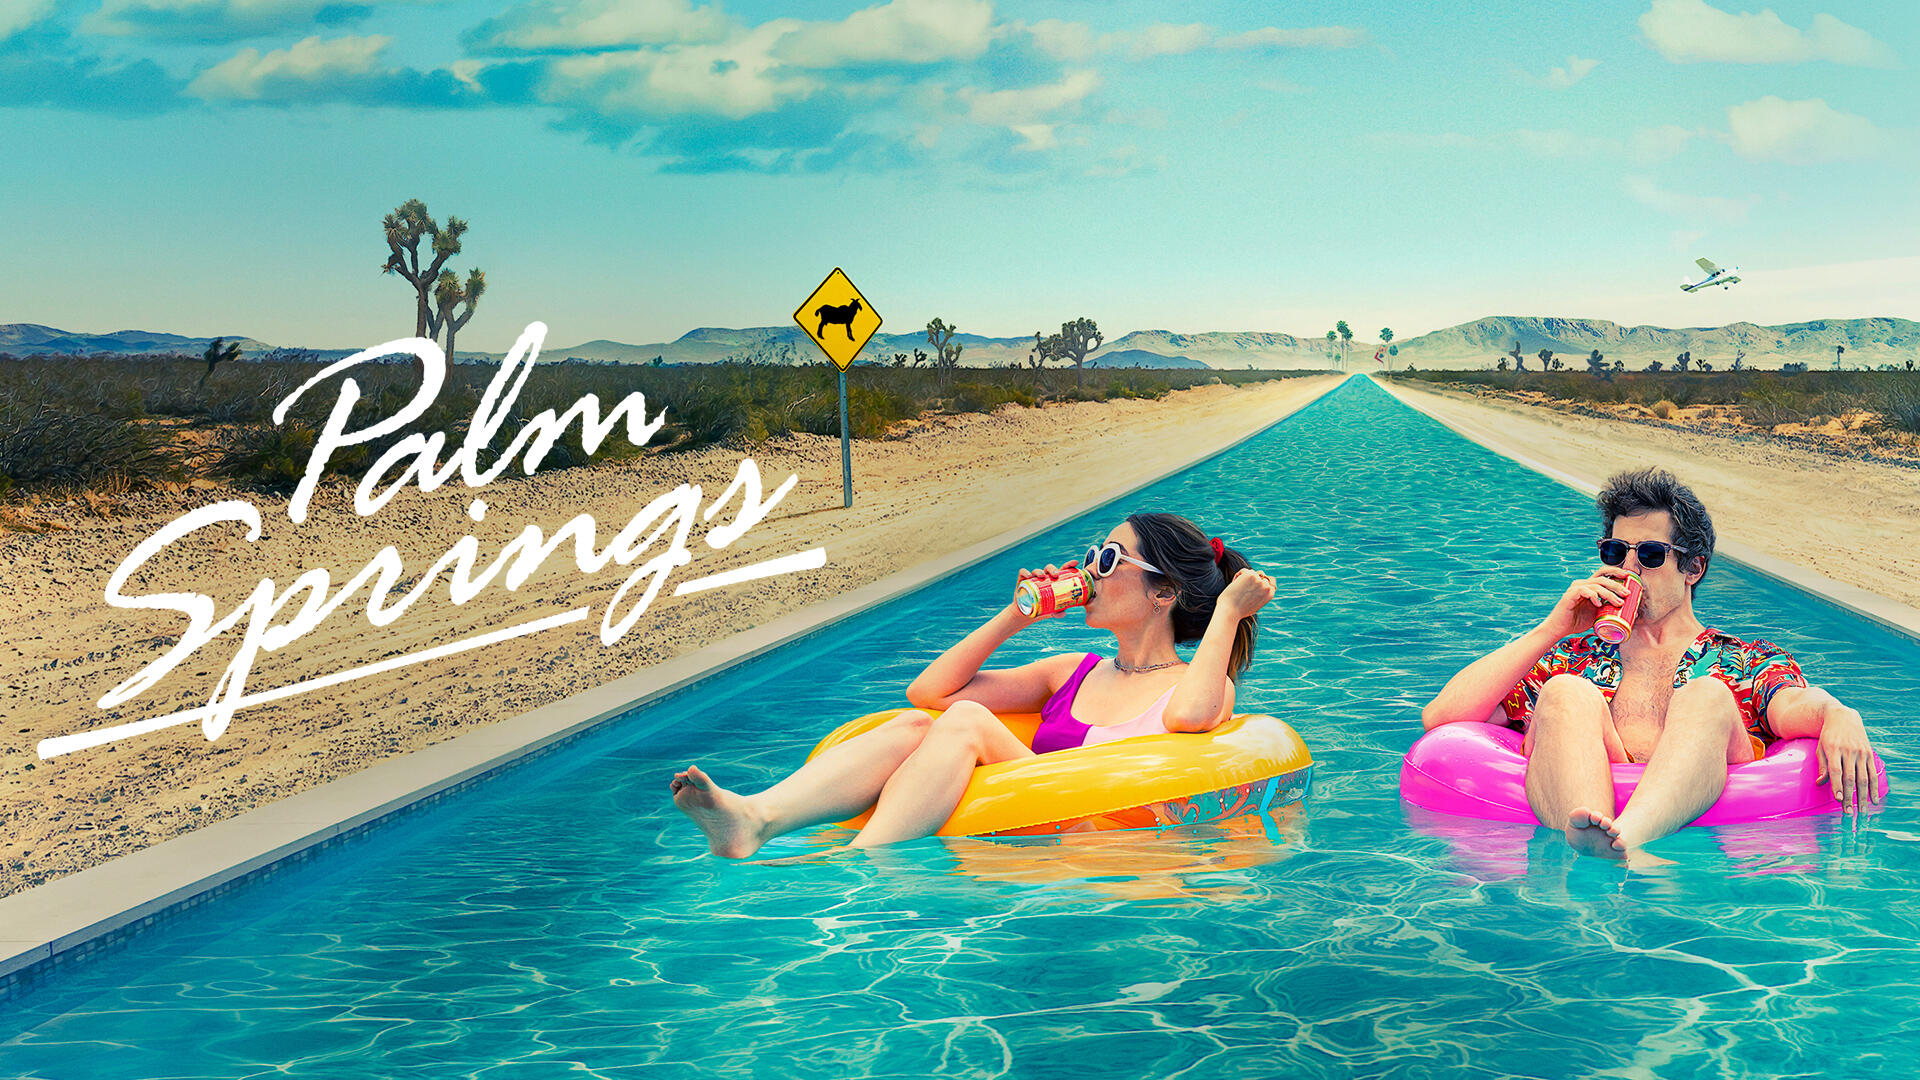 Palm_Springs_16x9_v2